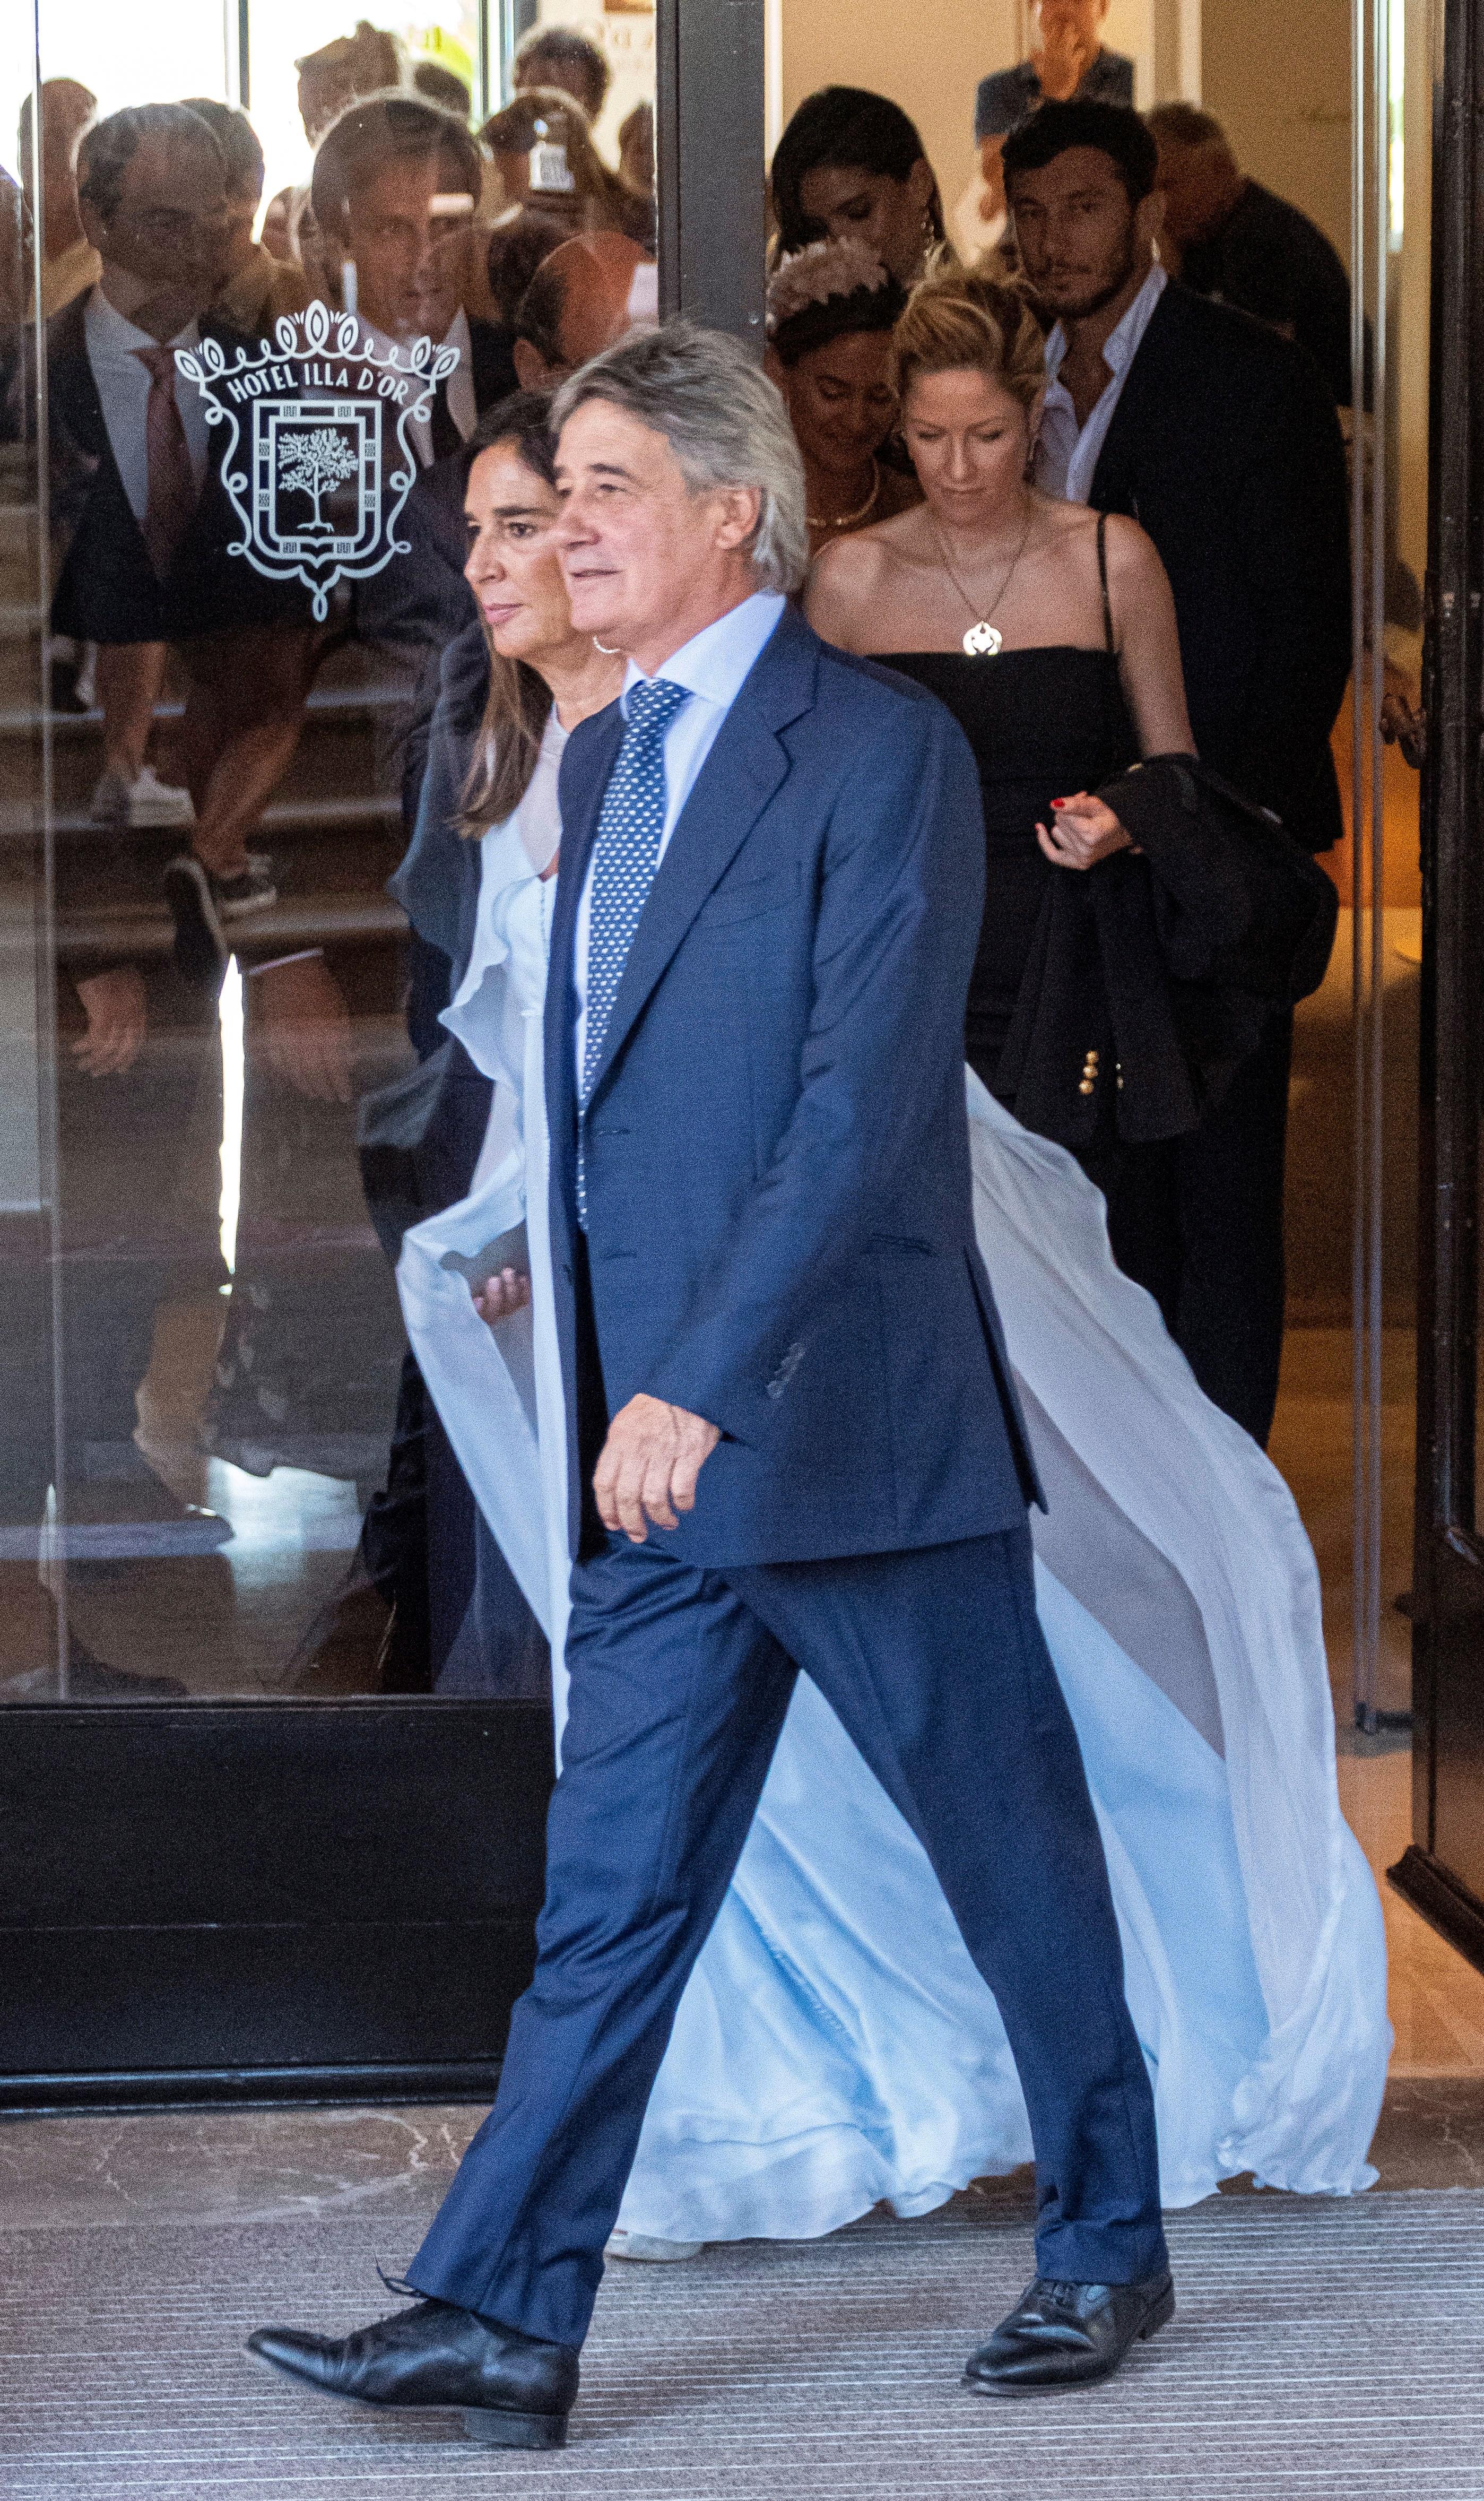 El tenista Marc López, invitado a la boda de Rafa Nadal y Mery Perelló EFE/ Cati Cladera